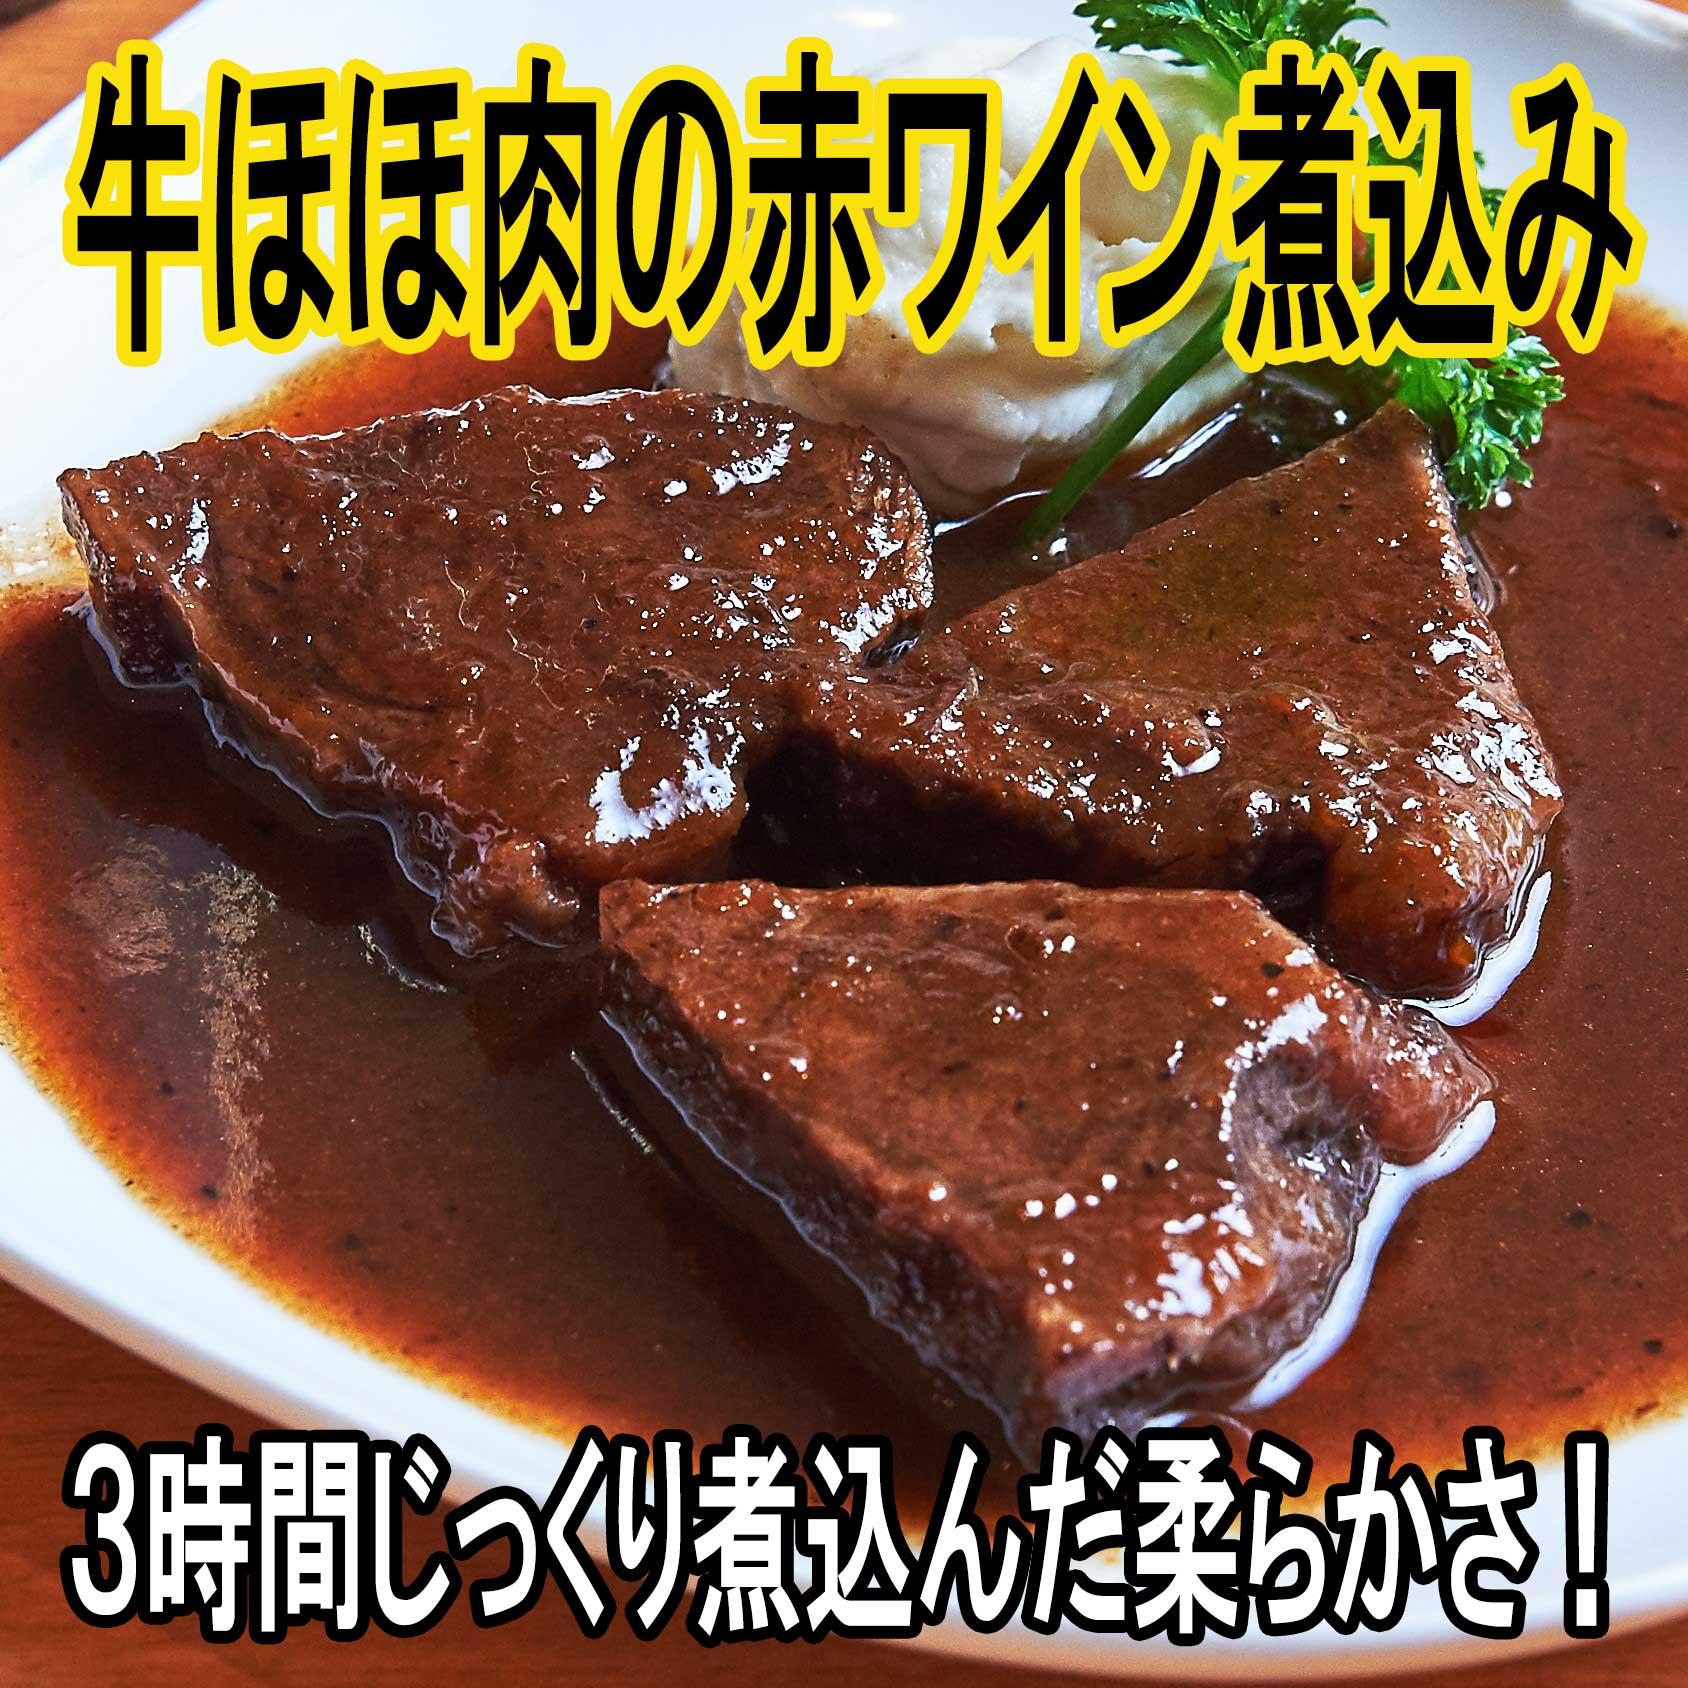 2005年から広島で営業しております